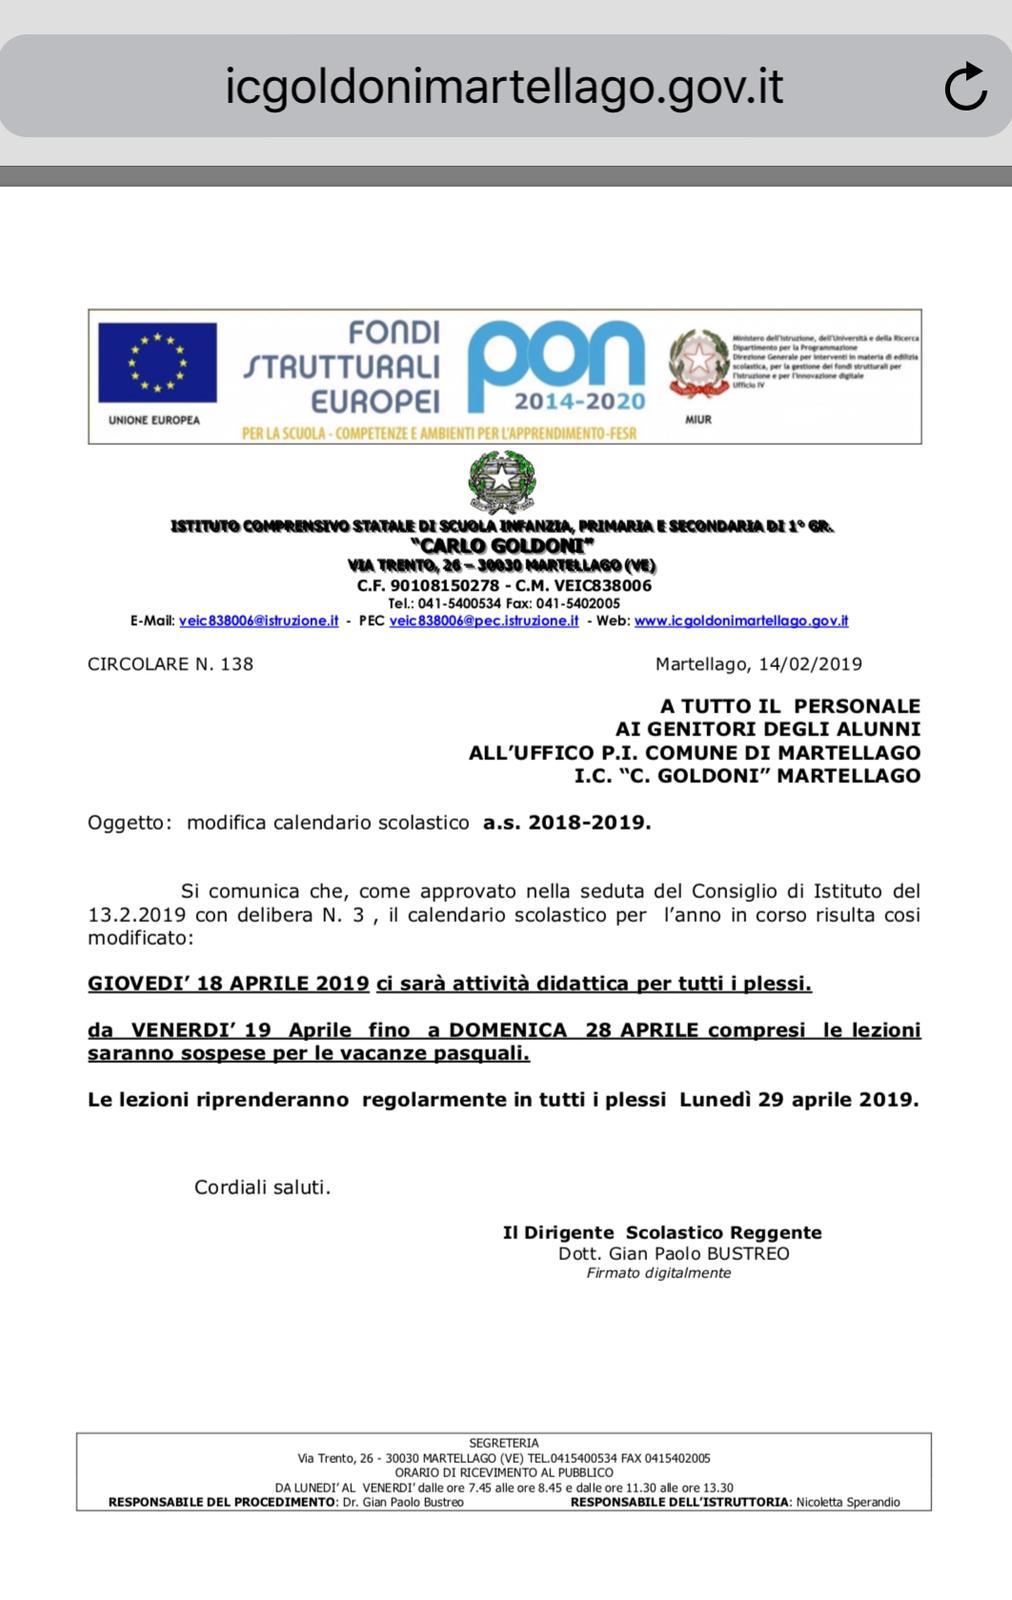 Calendario Scolastico 2020 20 Trento.Novita